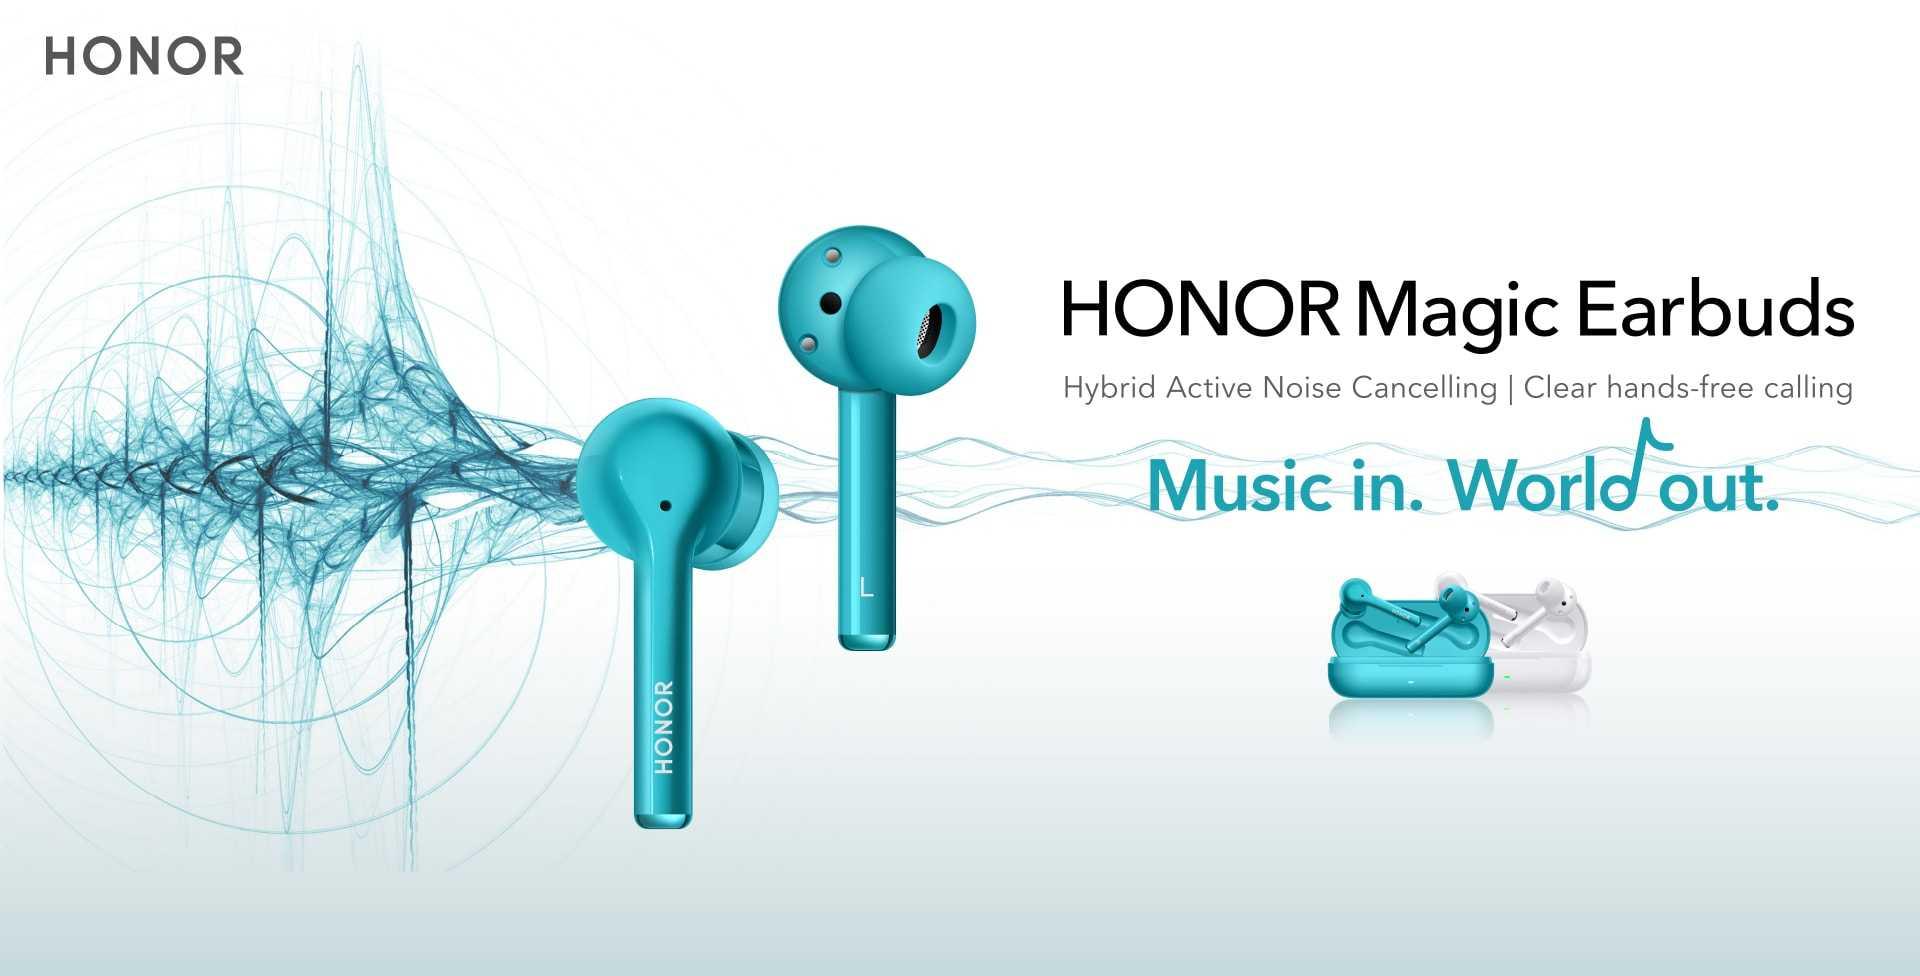 Обзор honor magic earbuds — сочные наушники с активным шумоподавлением